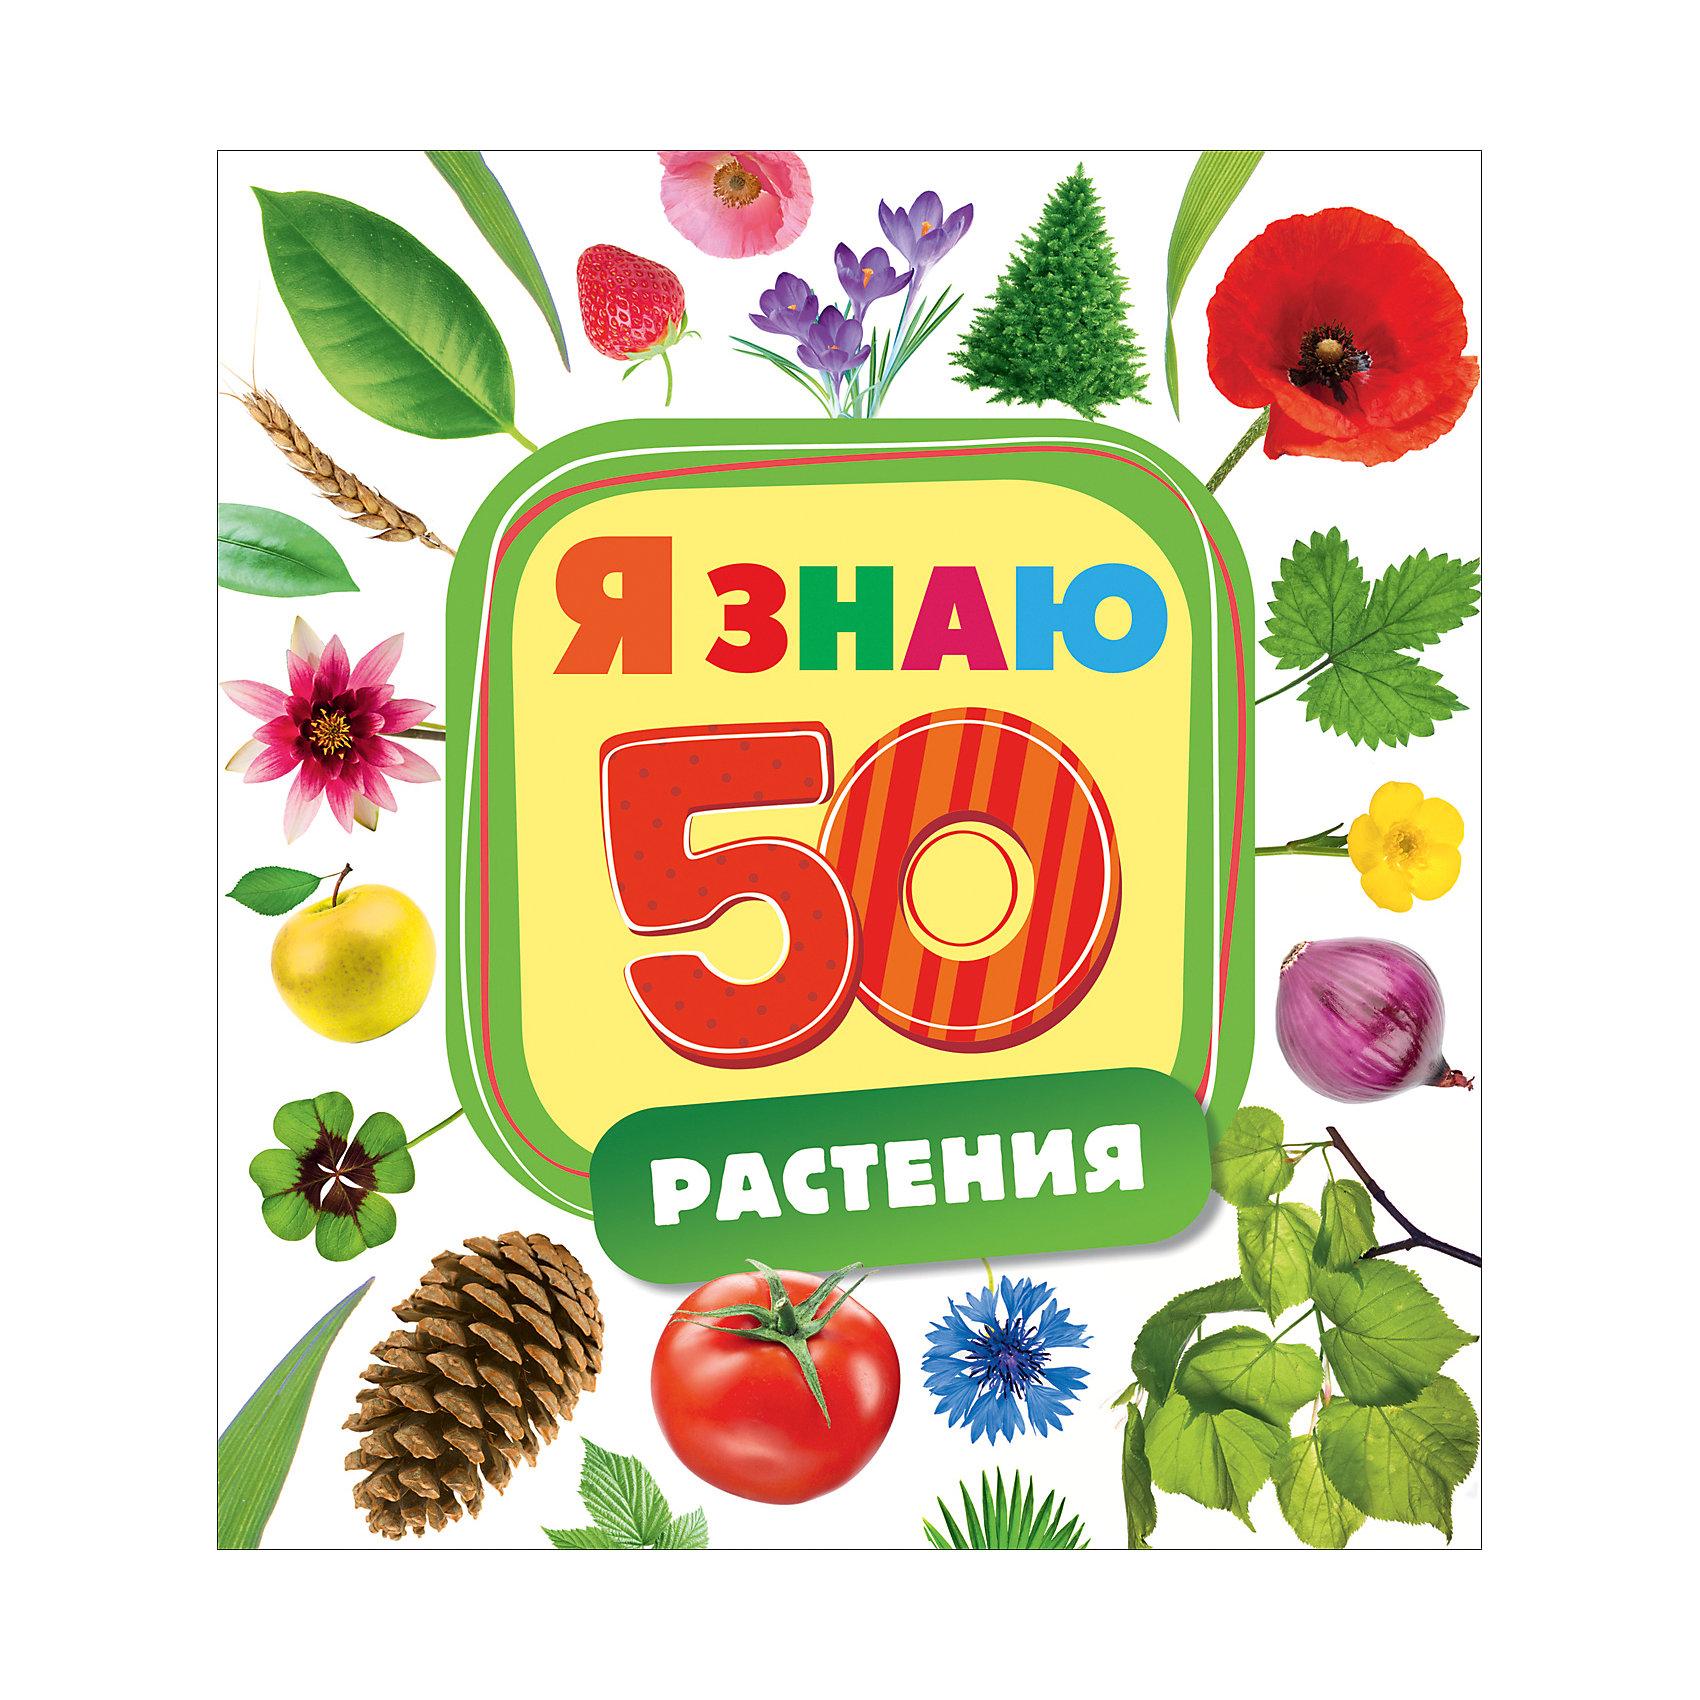 Я знаю РастенияЭнциклопедии для малышей<br>Характеристики товара:<br><br>- цвет: разноцветный;<br>- материал: бумага;<br>- страниц: 10;<br>- формат: 22 х 25 см;<br>- обложка: картон;<br>- развивающая. <br><br>Издания серии Я знаю - отличный способ занять ребенка! Эта красочная книга станет отличным подарком для родителей и малыша. Она содержит в себе интересные задания и яркие картинки, которые так любят дети. Отличный способ привить малышу любовь к занятиям и начать обучение! Методика такого обучения в игровой форме разработана опытными специалистами и опробована множеством родителей.<br>Чтение, выполнение простых заданий и рассматривание картинок помогает ребенку развивать память, концентрацию внимания и воображение. Издание произведено из качественных материалов, которые безопасны даже для самых маленьких.<br><br>Издание Я знаю Растения от компании Росмэн можно купить в нашем интернет-магазине.<br><br>Ширина мм: 250<br>Глубина мм: 225<br>Высота мм: 6<br>Вес г: 292<br>Возраст от месяцев: 0<br>Возраст до месяцев: 36<br>Пол: Унисекс<br>Возраст: Детский<br>SKU: 5110313